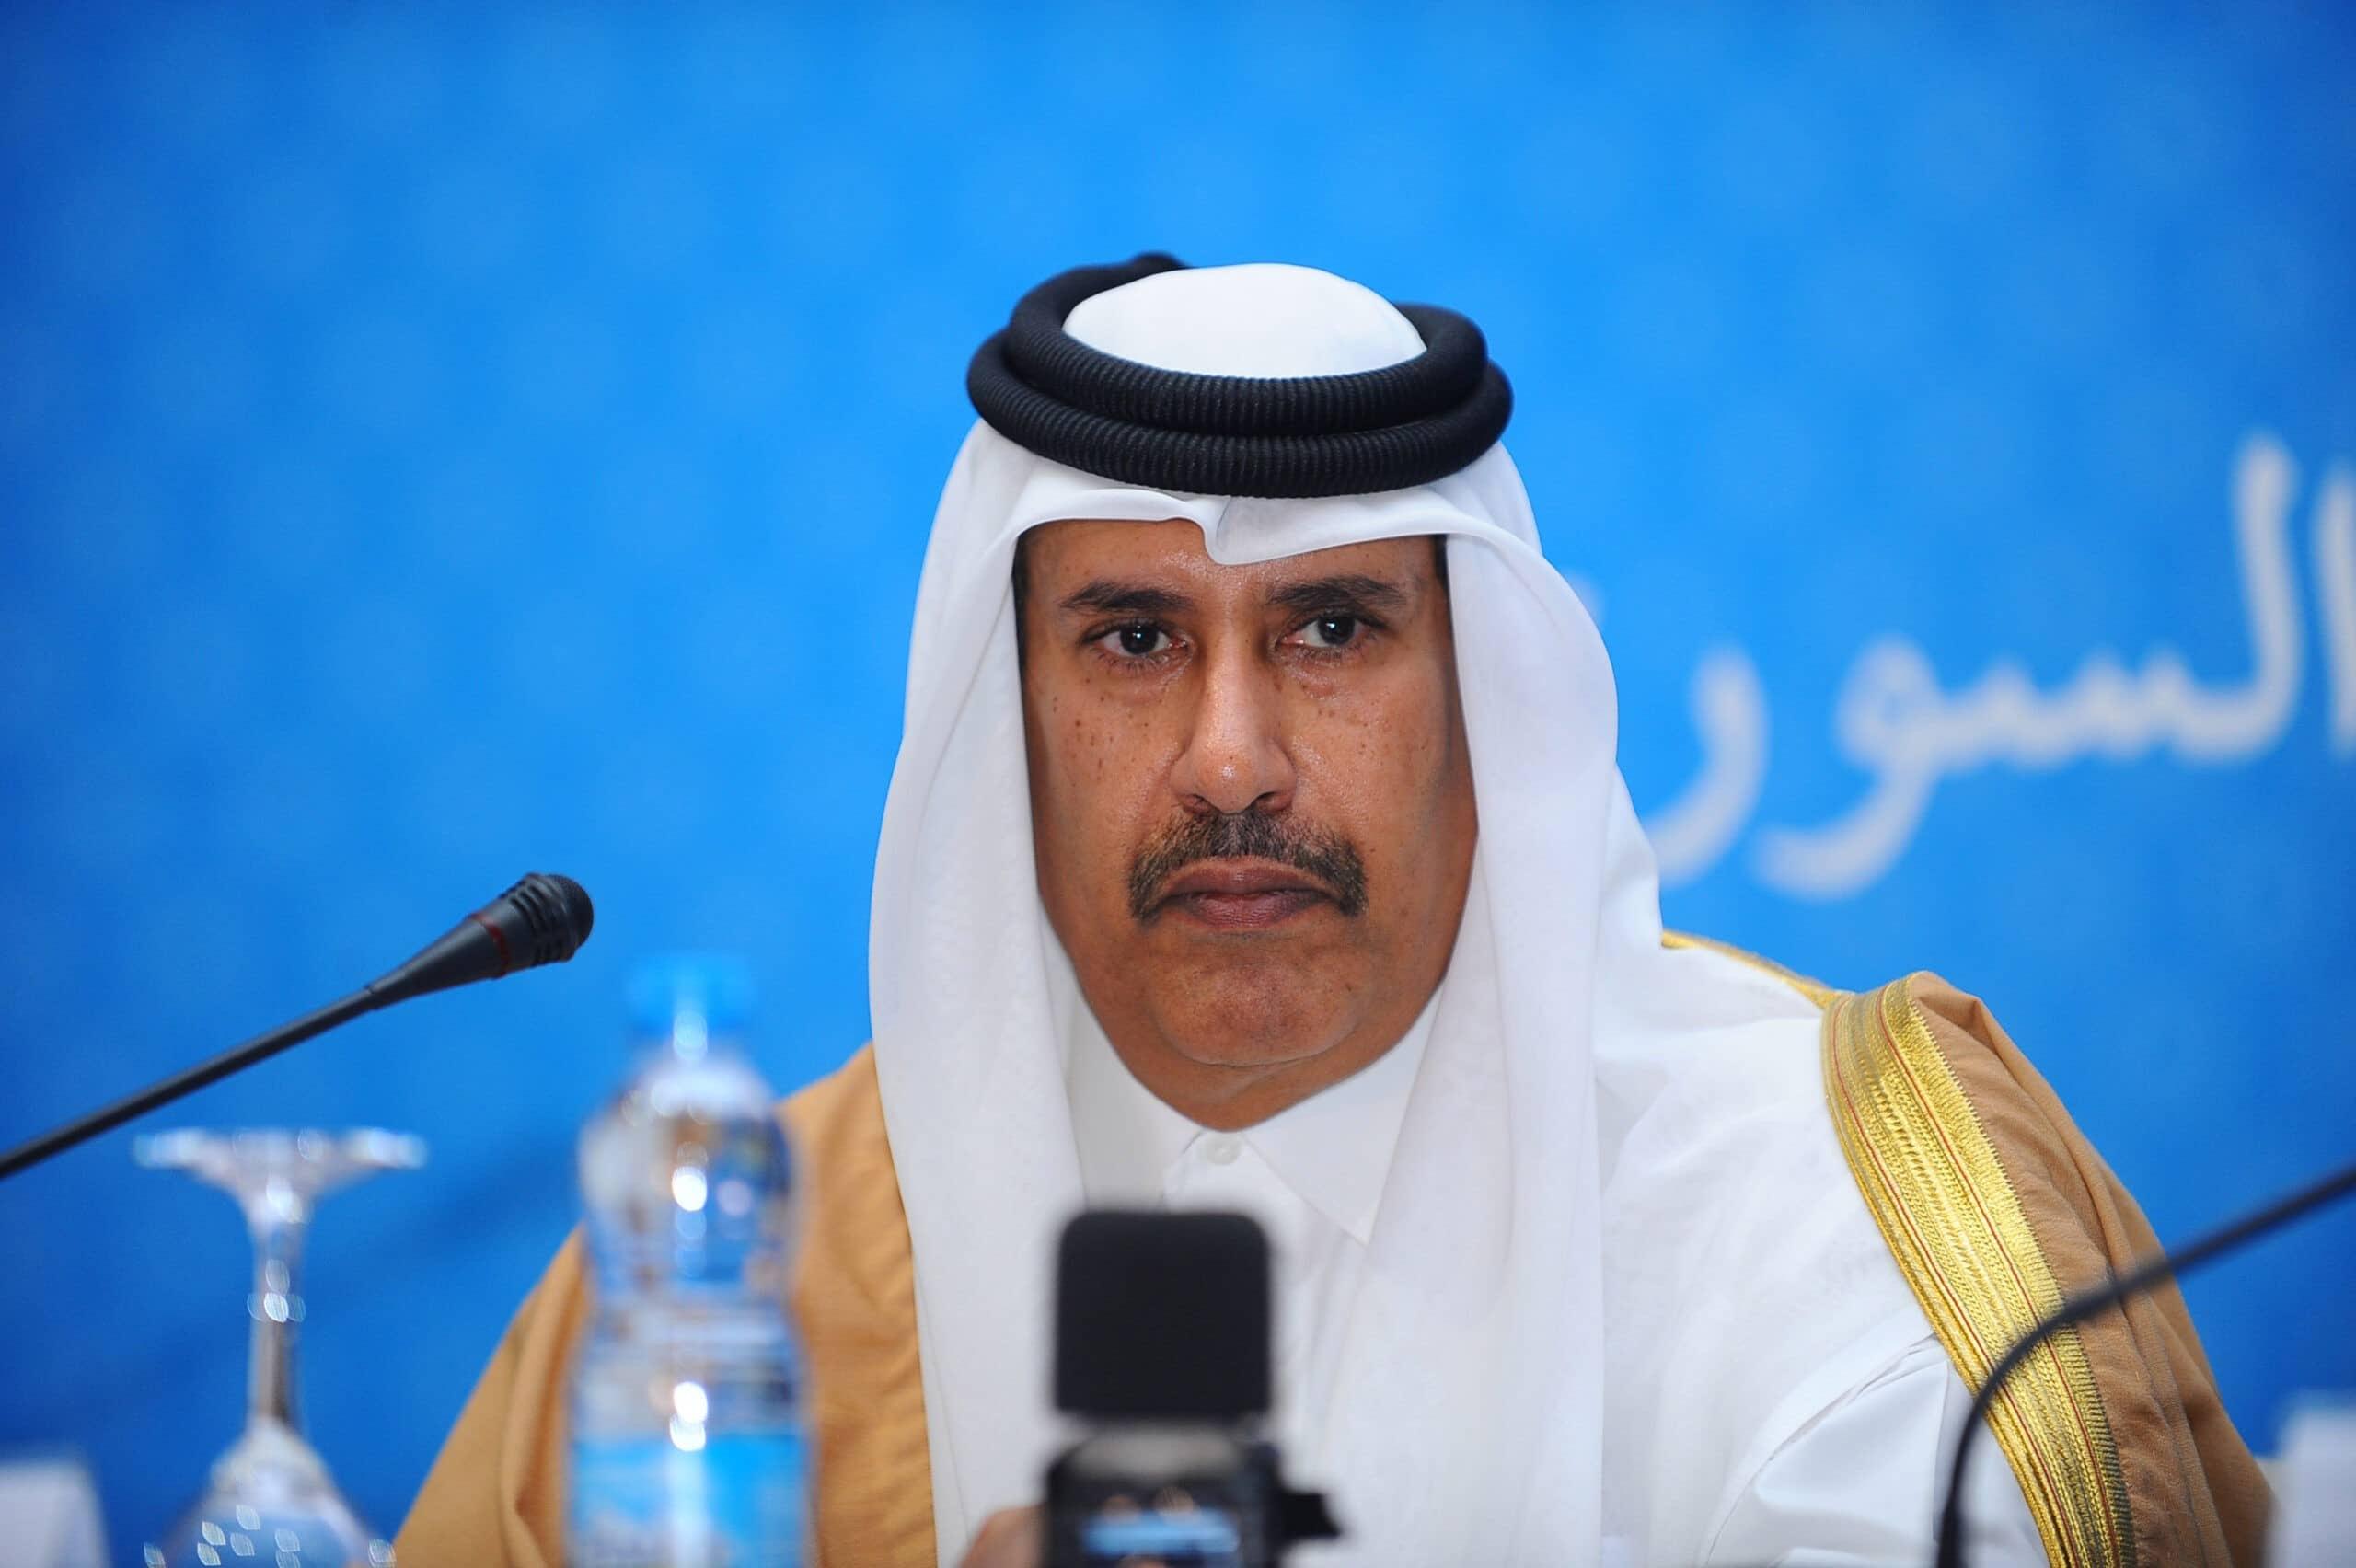 حمد بن جاسم يكشف ويحذر من النتيجة المباشرة لإعادة التموضع الأميركي على المنطقة